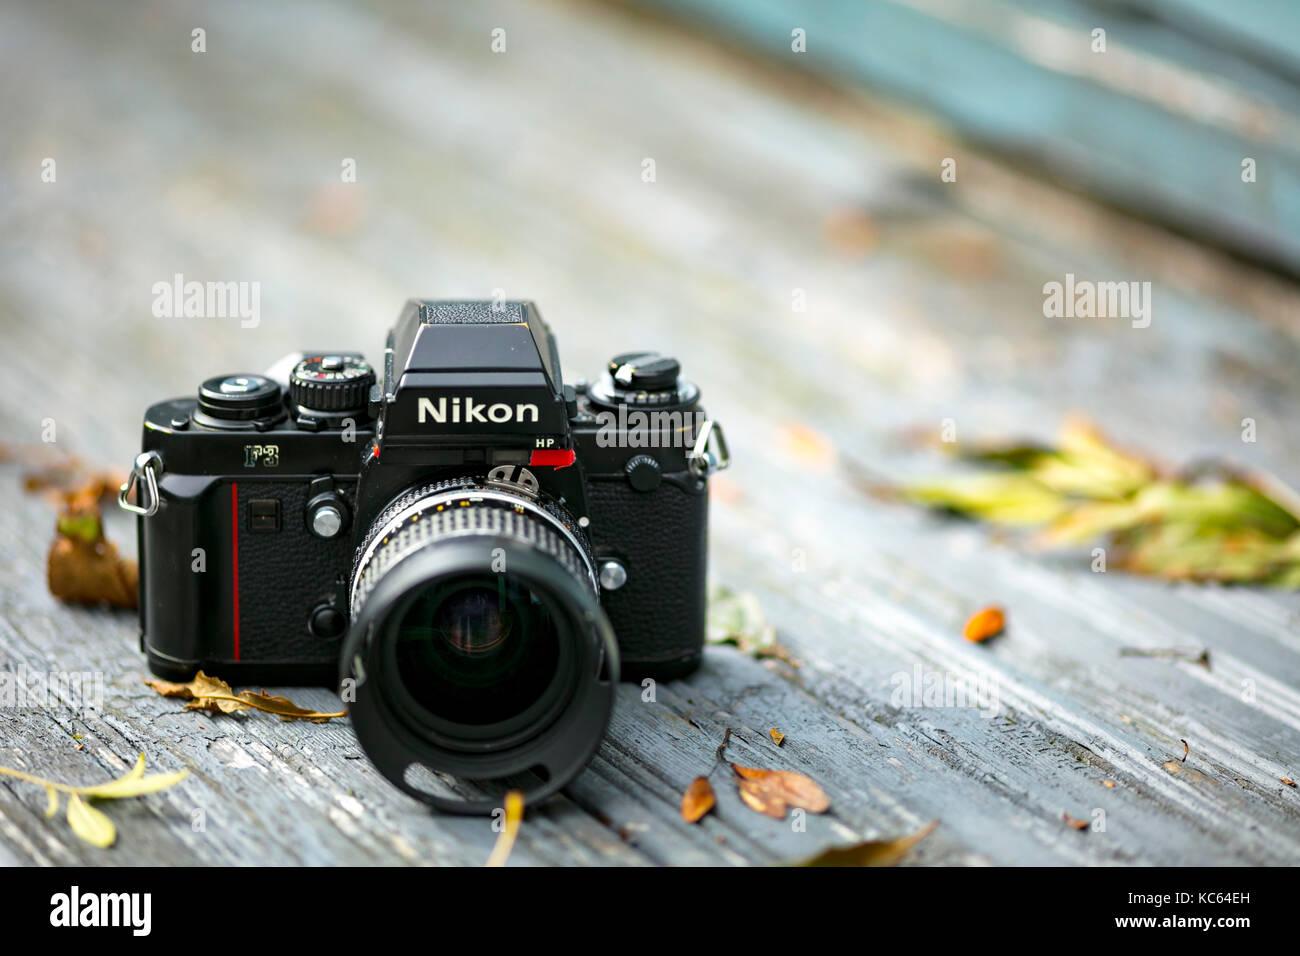 Nikon F3 Single Lens Reflex 35mm Film Kamera, Erste startete im Jahr 1980 und blieb in der Produktion bis 2001. Stockbild